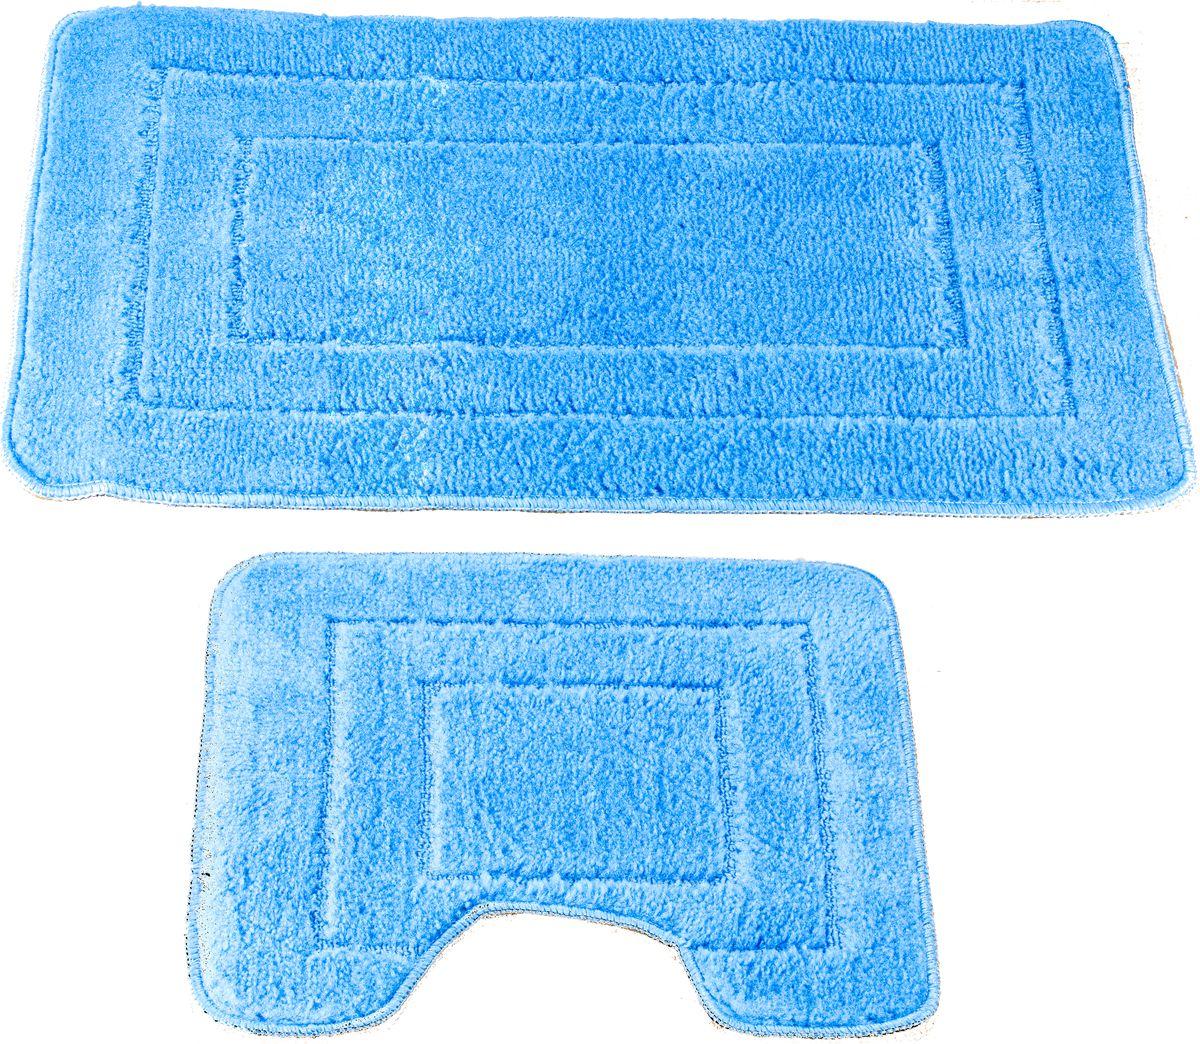 Набор ковриков для ванной Swensa Como, цвет: голубой, 45 х 70 см, 45 х 45 см, 2 штSWMS-1030-SKYНабор ковриков для ванной Swensa Como — аксессуар для ванной комнаты, сочетающий отличные эксплуатационные характеристики с привлекательной расцветкой. Изделие выполнено из гипоаллергенного и износостойкого полипропиленового волокна. Рельефный ворс различной длины обеспечивает приятные тактильные ощущения и легкий массажный эффект. Края обработаны оверлоком, что предохраняет коврик от разлохмачивания и деформации. Рекомендована деликатная машинная стирка.